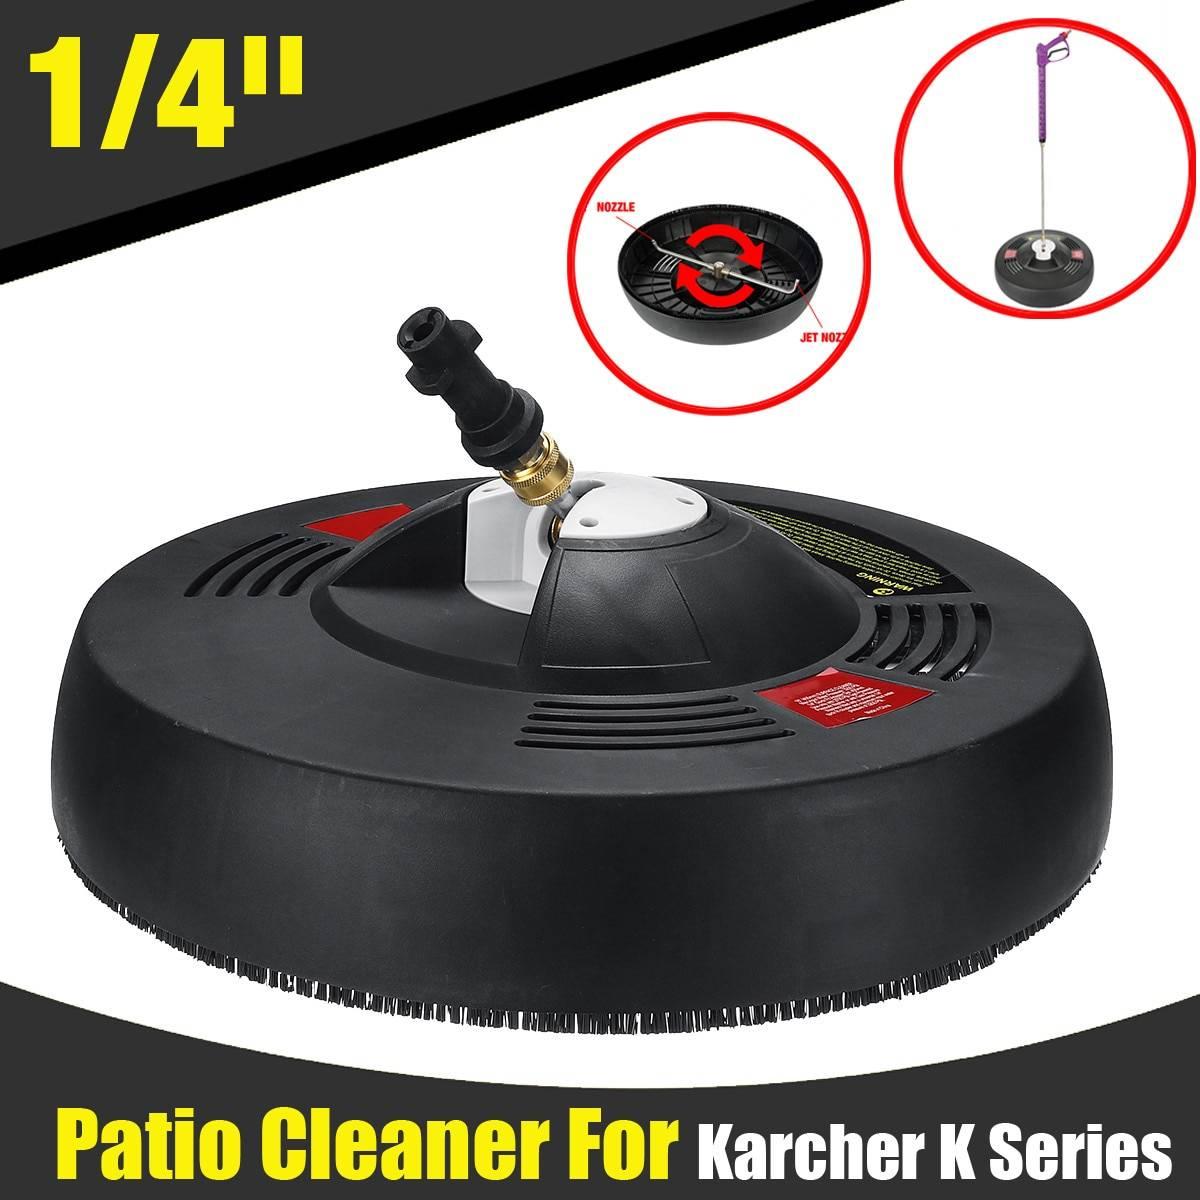 High Pressure Cleaner For Karcher K Series